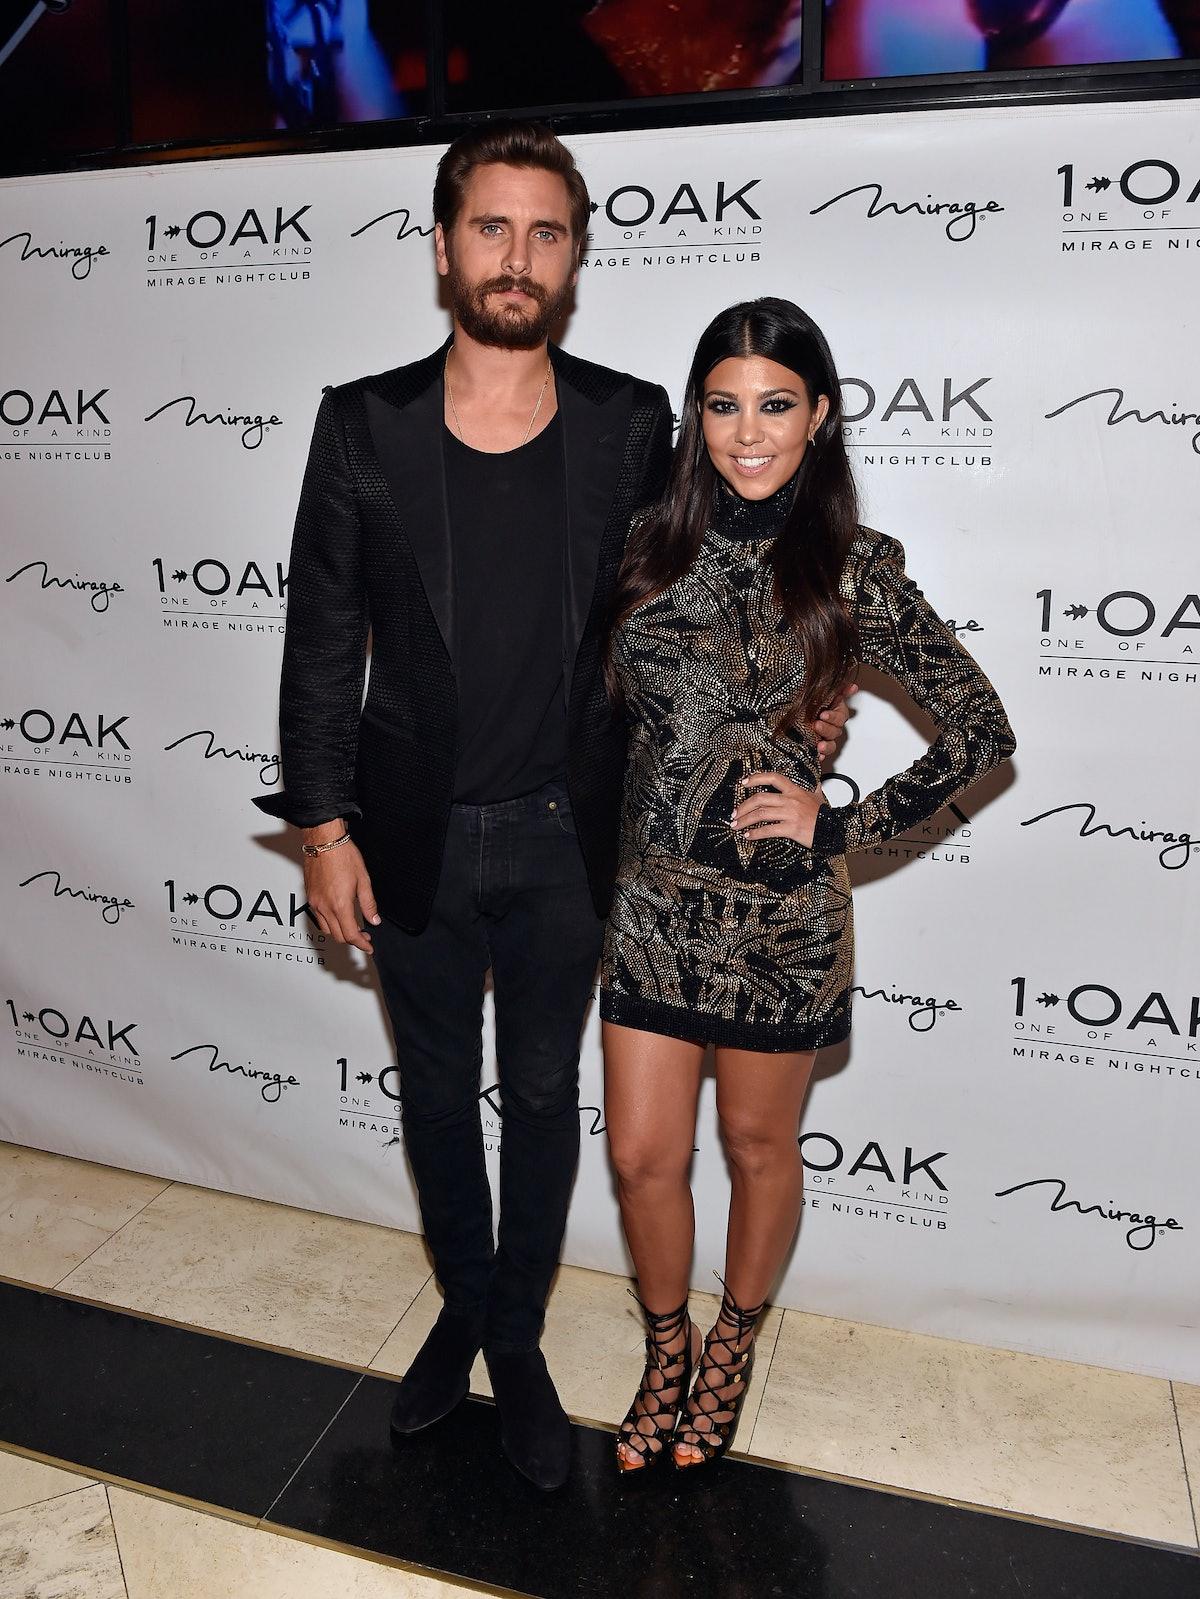 Scott Disick and Kourtney Kardashian attend an event at 1Oak.